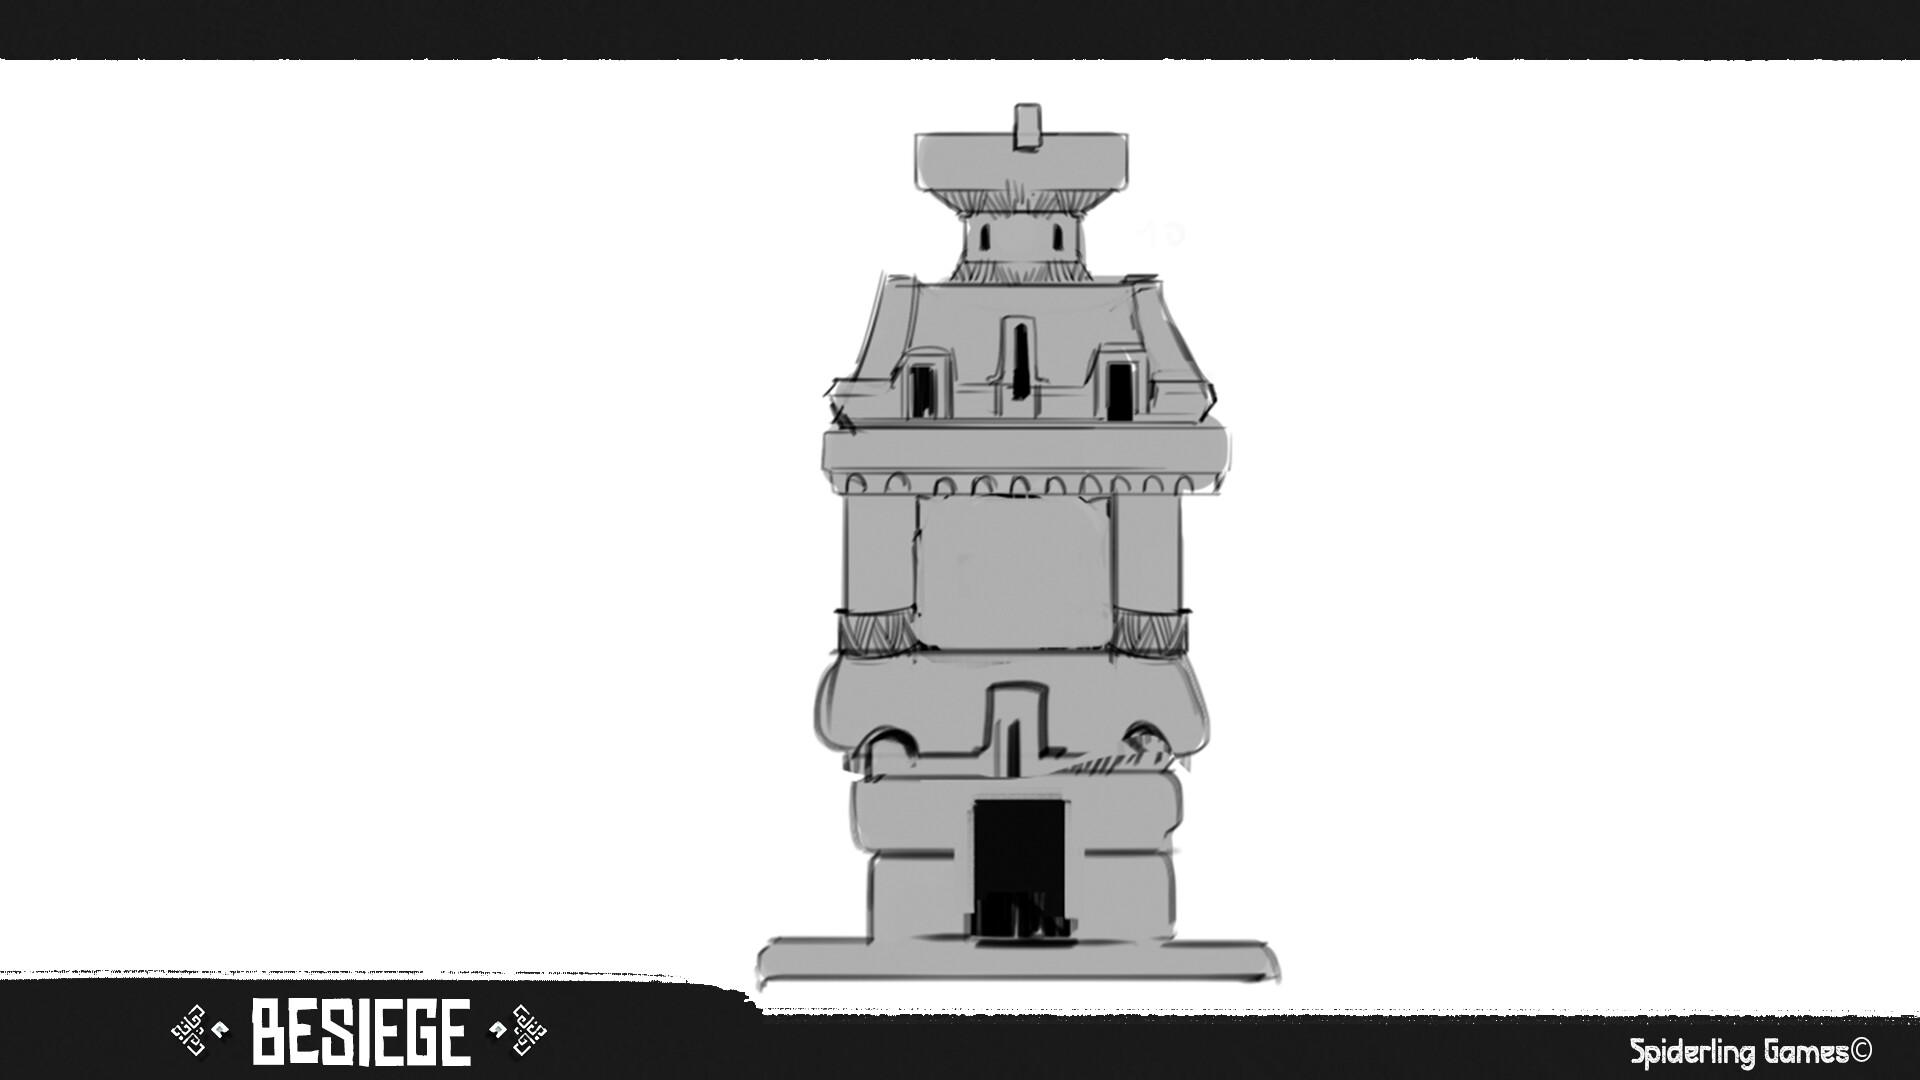 Storage tower